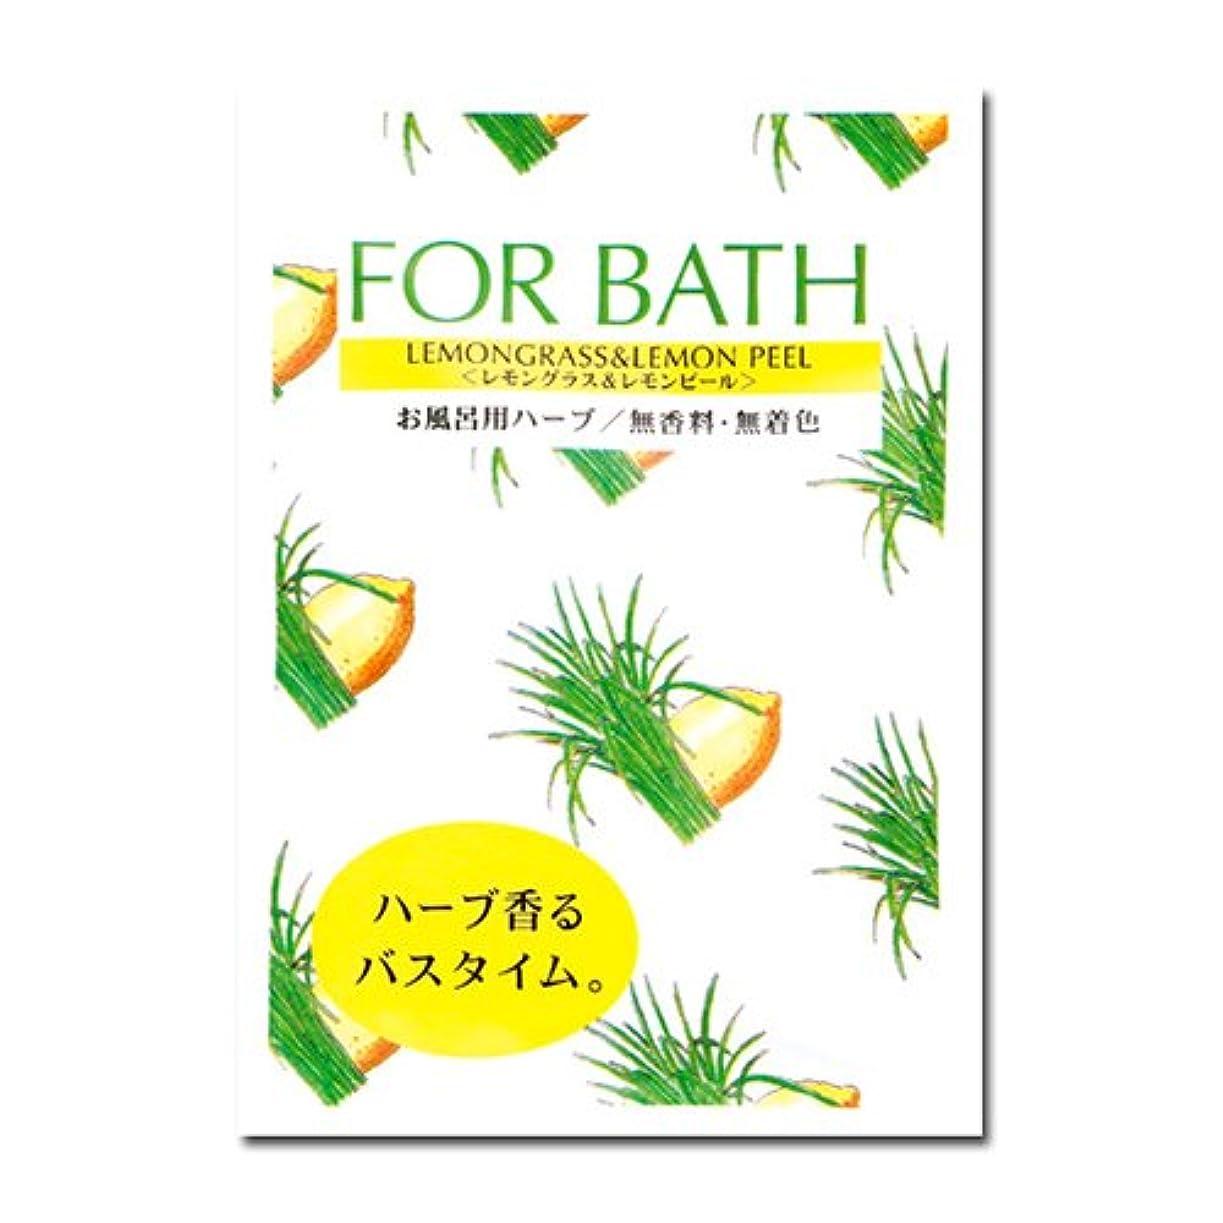 密度参加する報奨金フォアバス レモングラス&レモンピールx30袋[フォアバス/入浴剤/ハーブ]